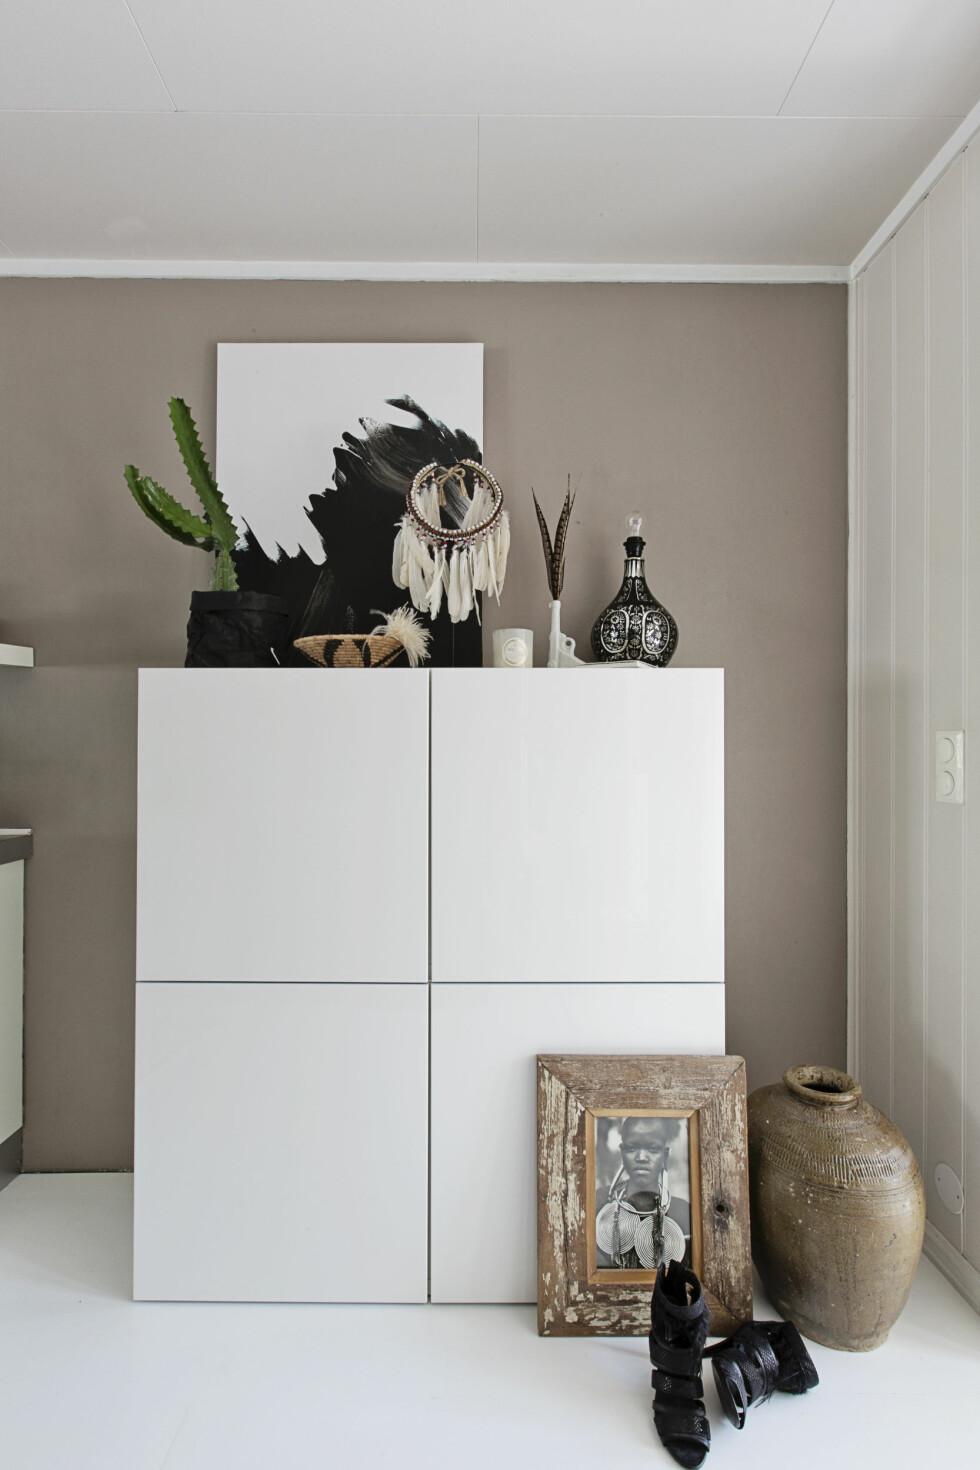 STILLEBEN: På kjøkkenet står et skap fra Ikea som rommer alt Linn ikke ønsker å ha stående framme. Selv på kjøkkenet er det et vakkert stilleben. – Jeg liker å sette sammen vakre og røffe ting i et stilleben, det gir et ryddigere utrykk, sier Linn. Foto: Jorunn Tharaldsen